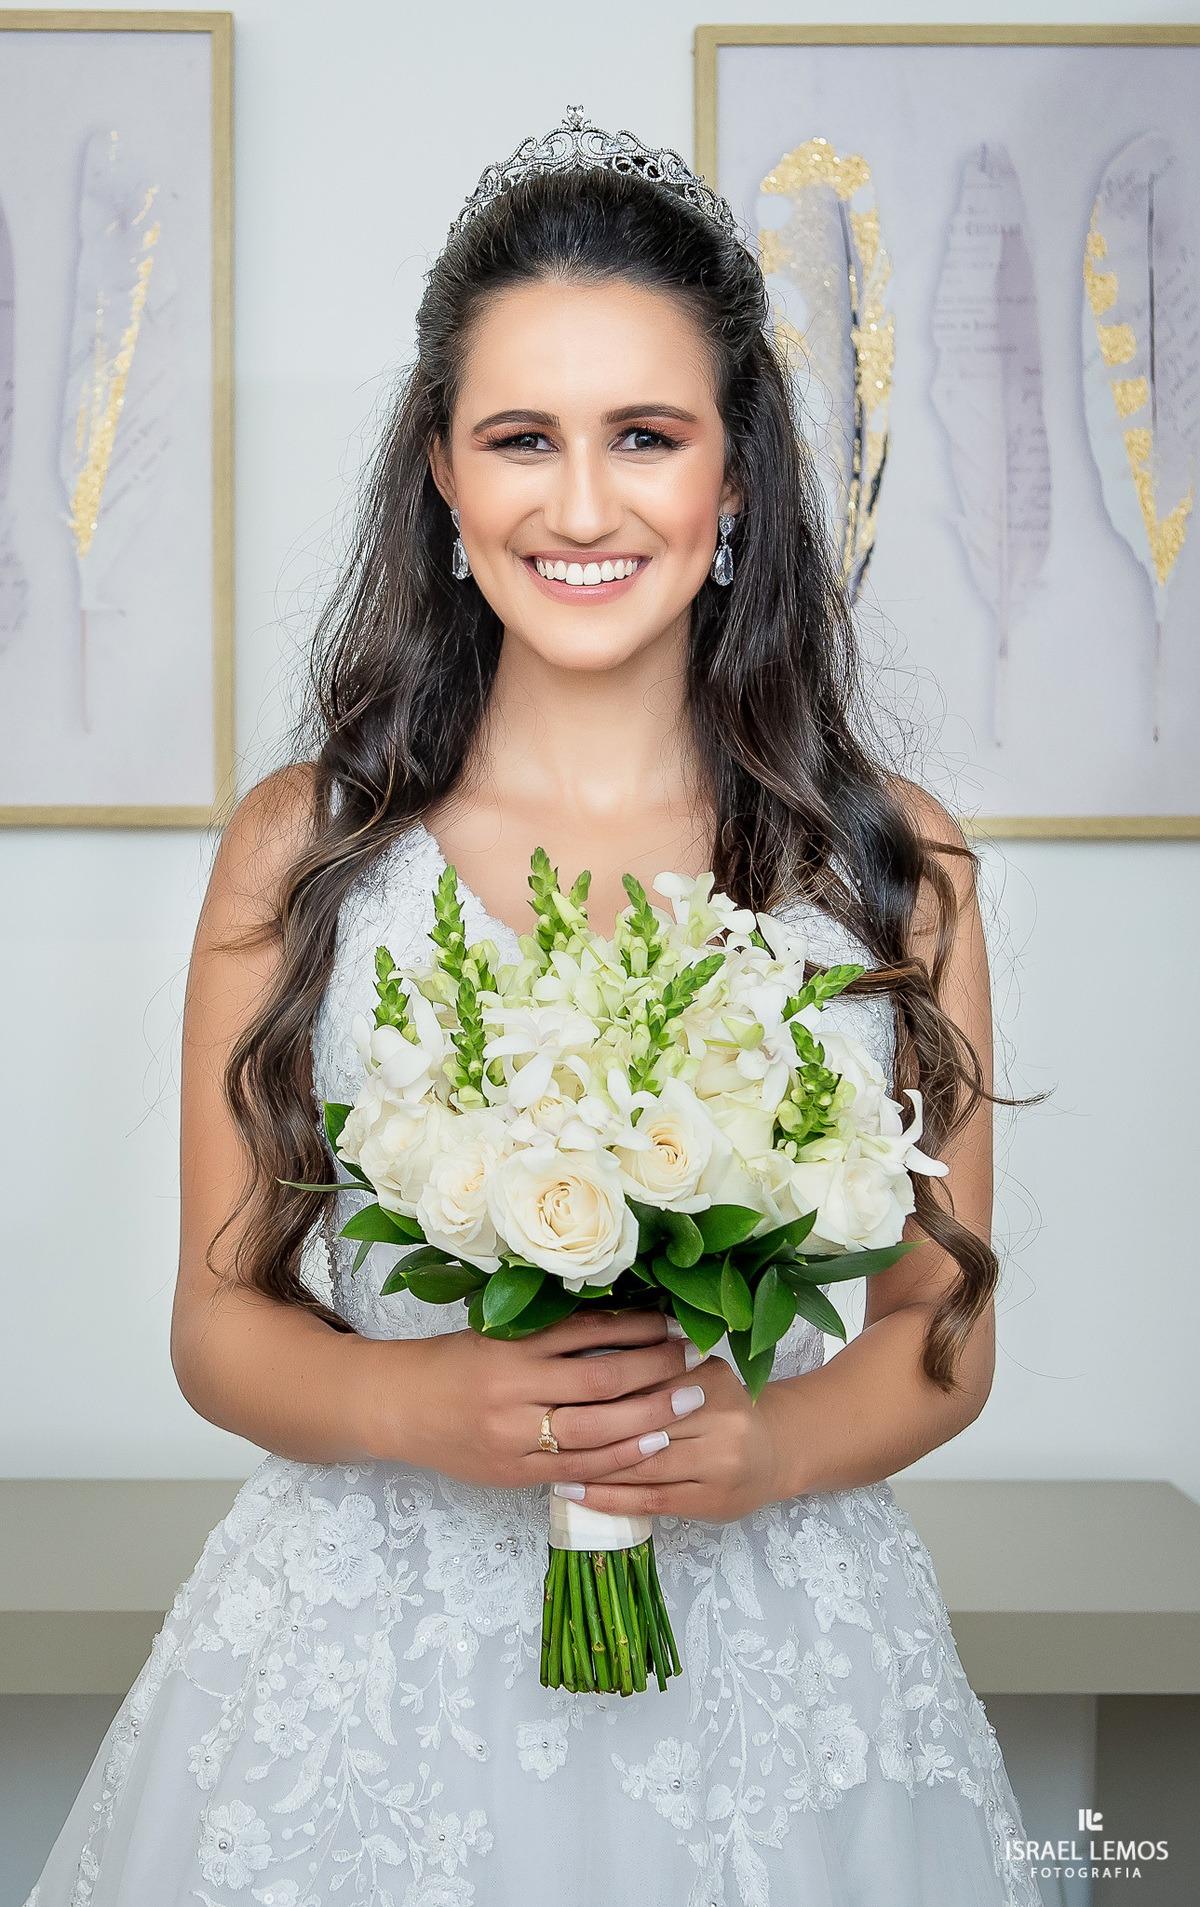 Casamento em Pará de Minas - Leticia e Weslei - Fotografia Israel Lemos - Vestido Zephora Alta Costura